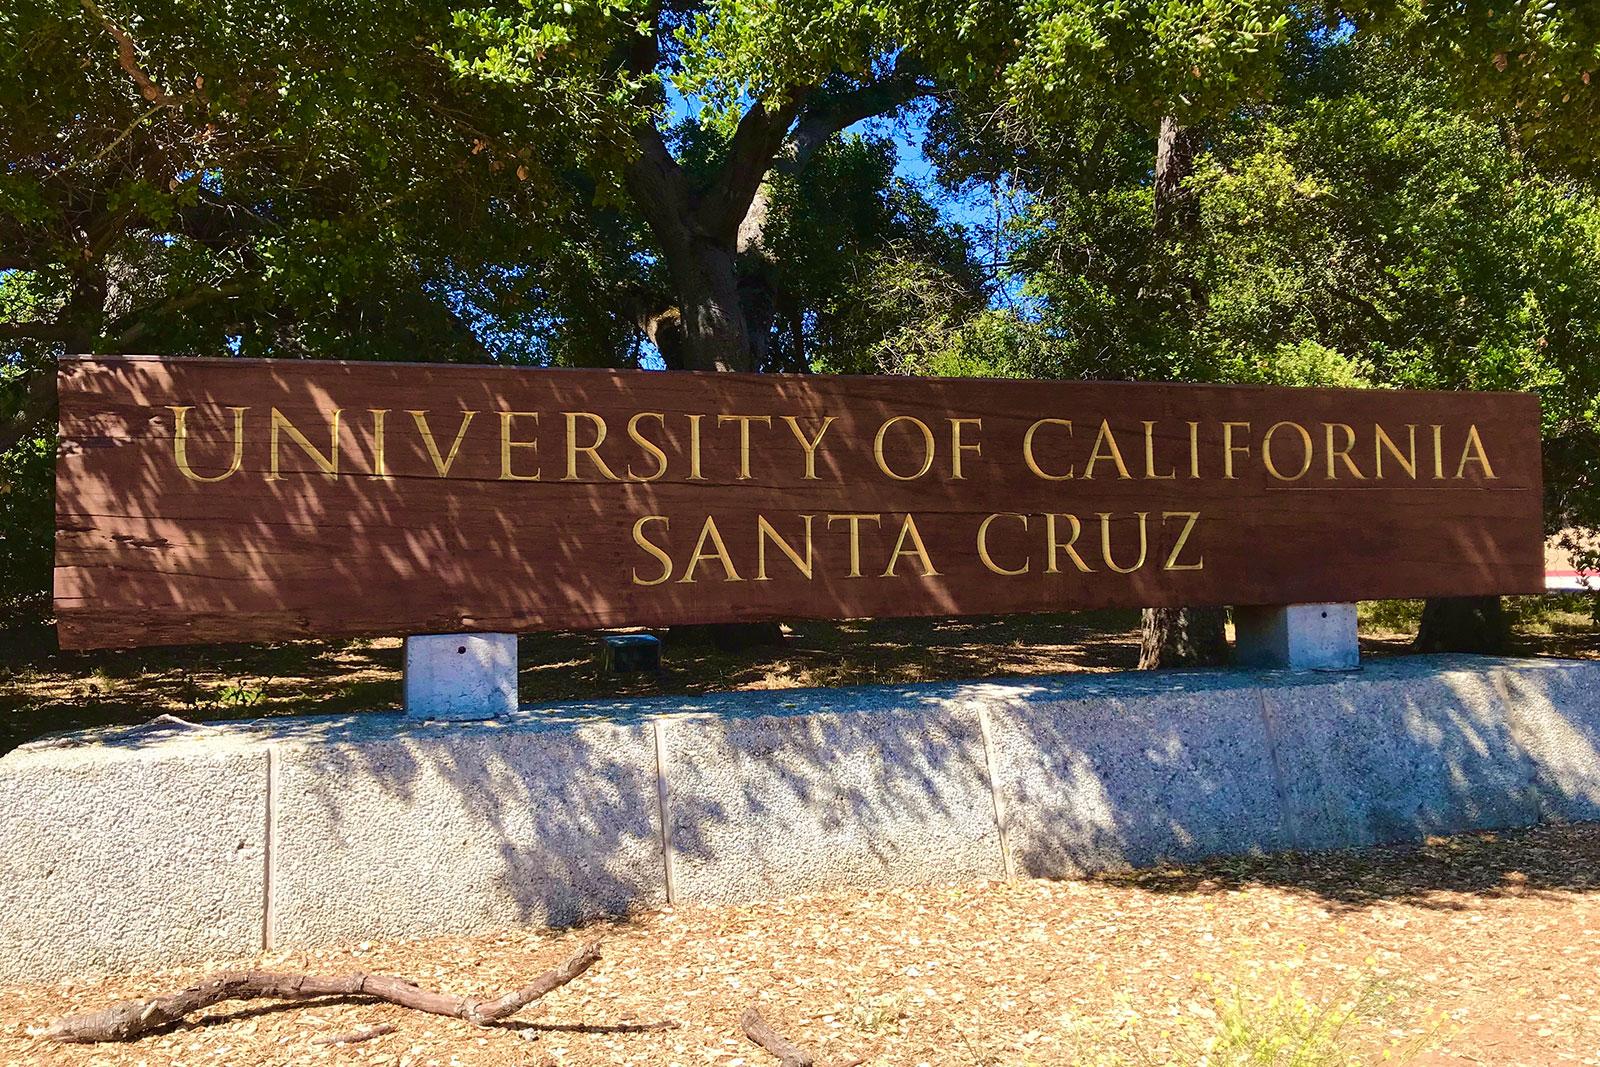 Bloco madeira com nome gravado da Universidade da Califórnia, Santa Cruz